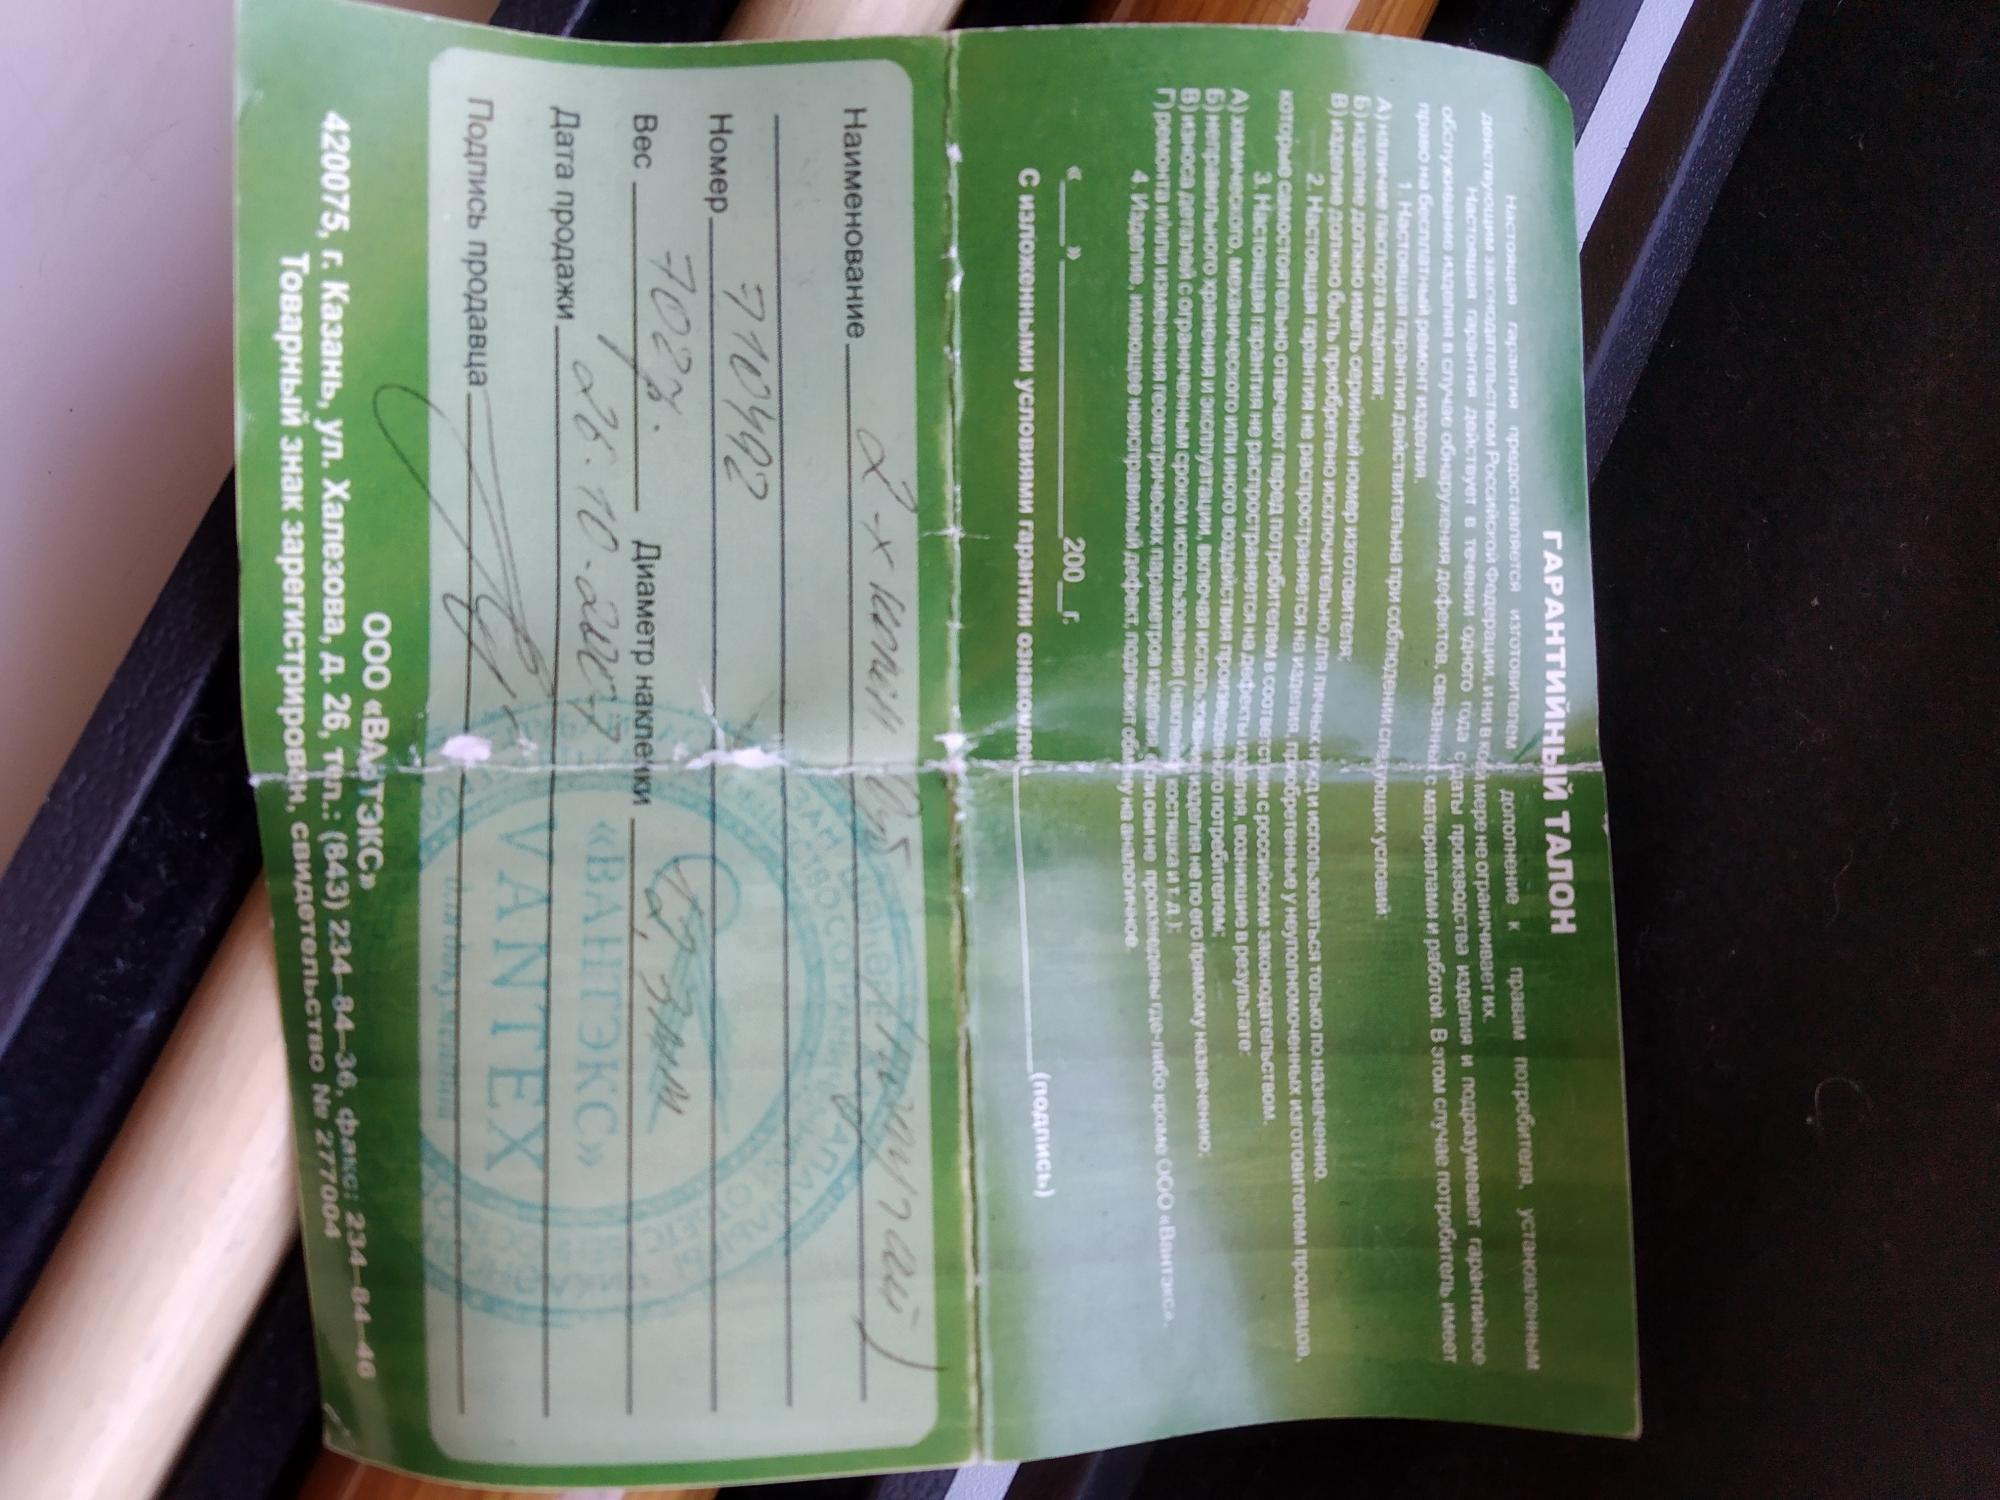 Кий Vantex, 2-х Дуб, в футляре. вес 702 гр. в Москве 89268695551 купить 5